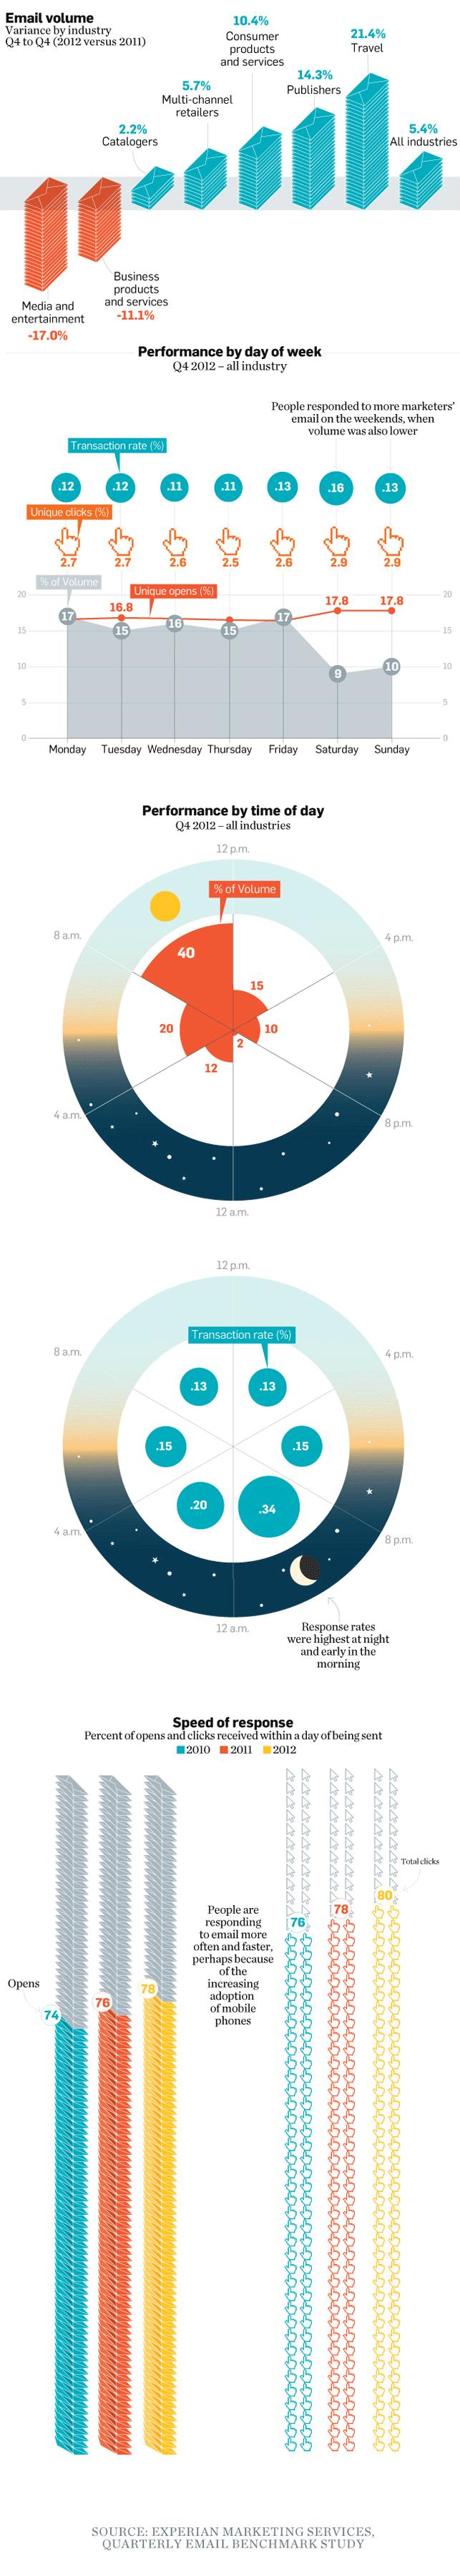 Eposta göndermek için günün hangi zamanını seçmeli? [infografik]